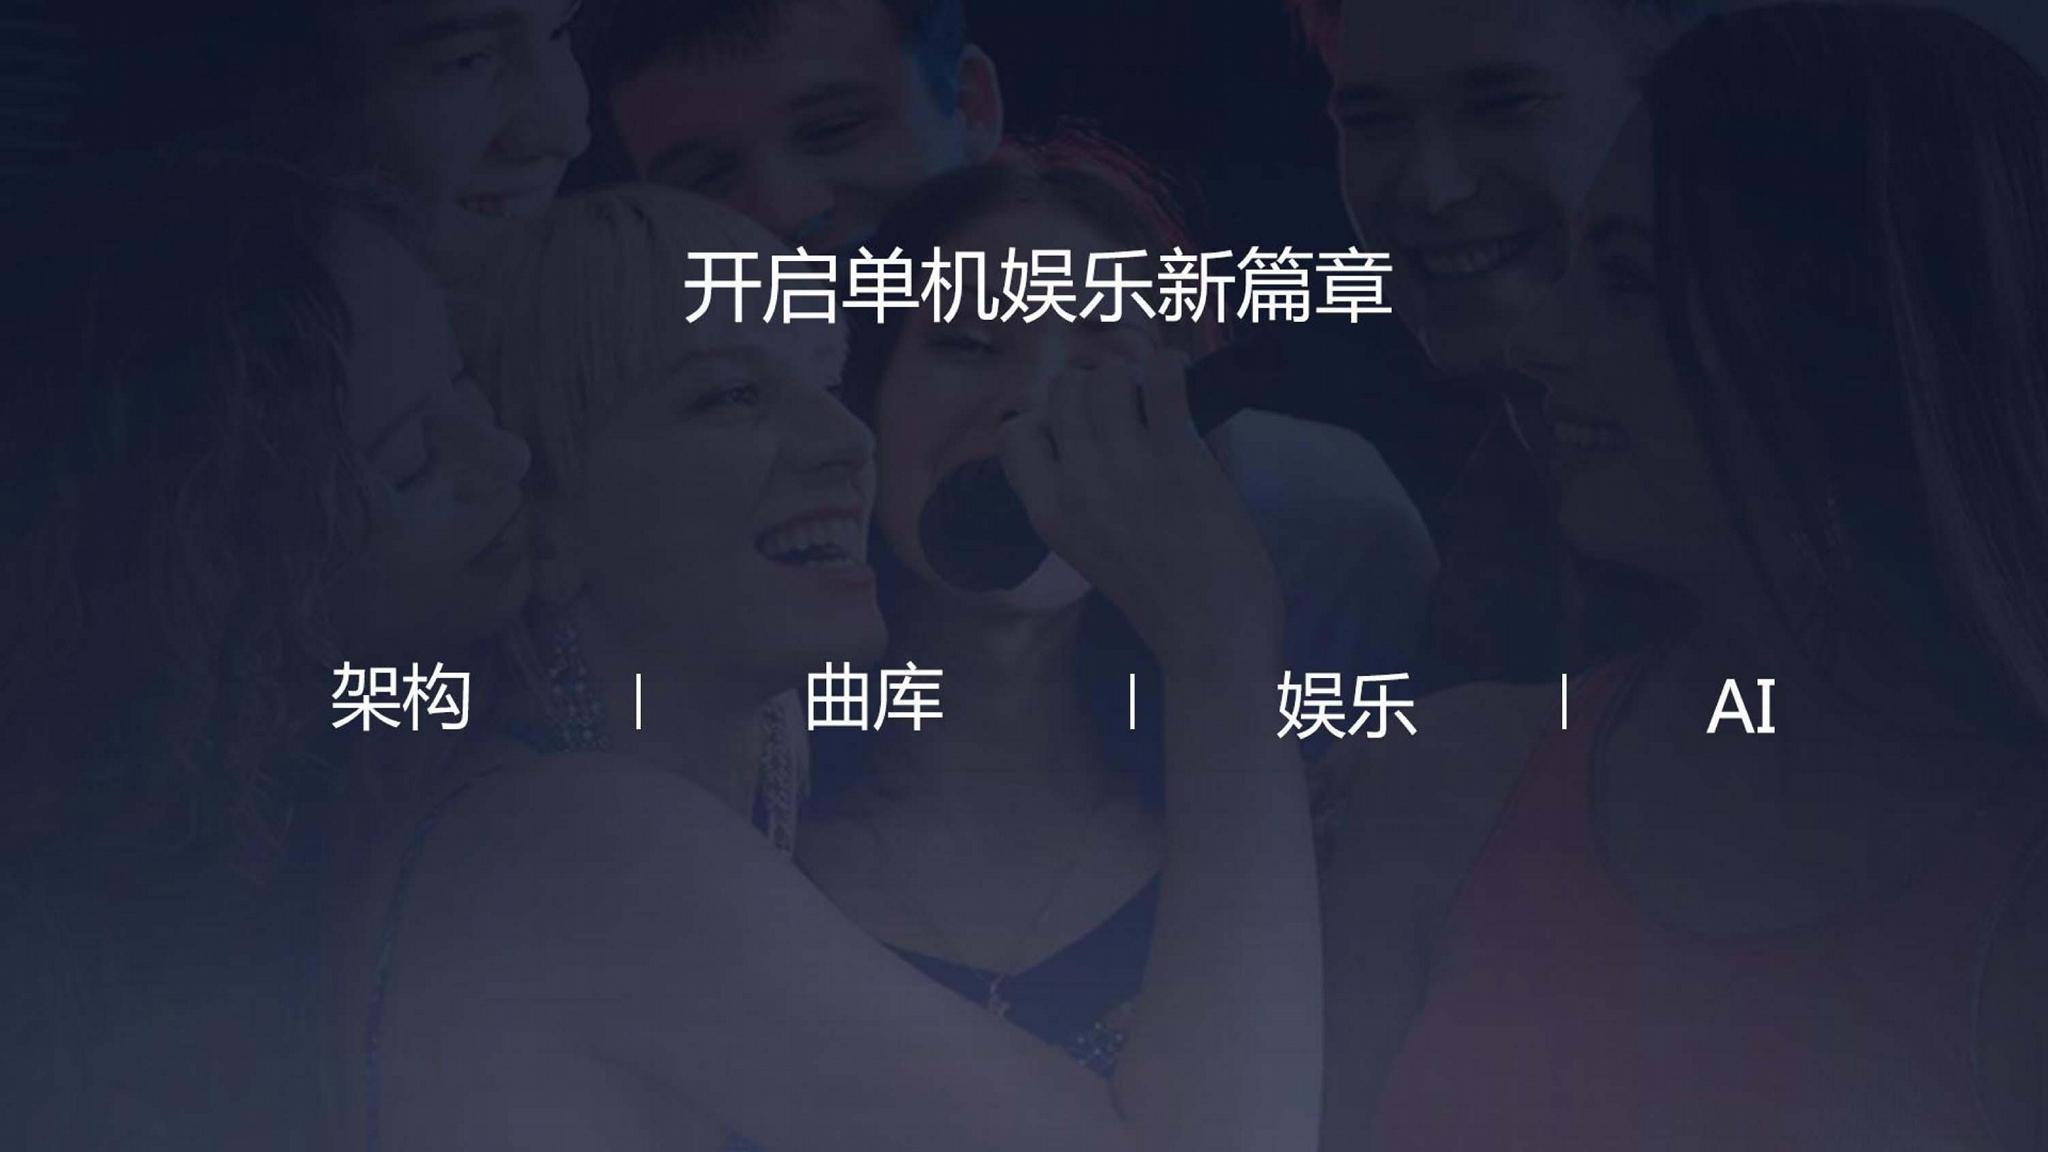 雷客点歌机密码_雷石雷客惊艳MAX语音点歌机 - 河北省 - 生产商 - 产品目录 - 河北 ...